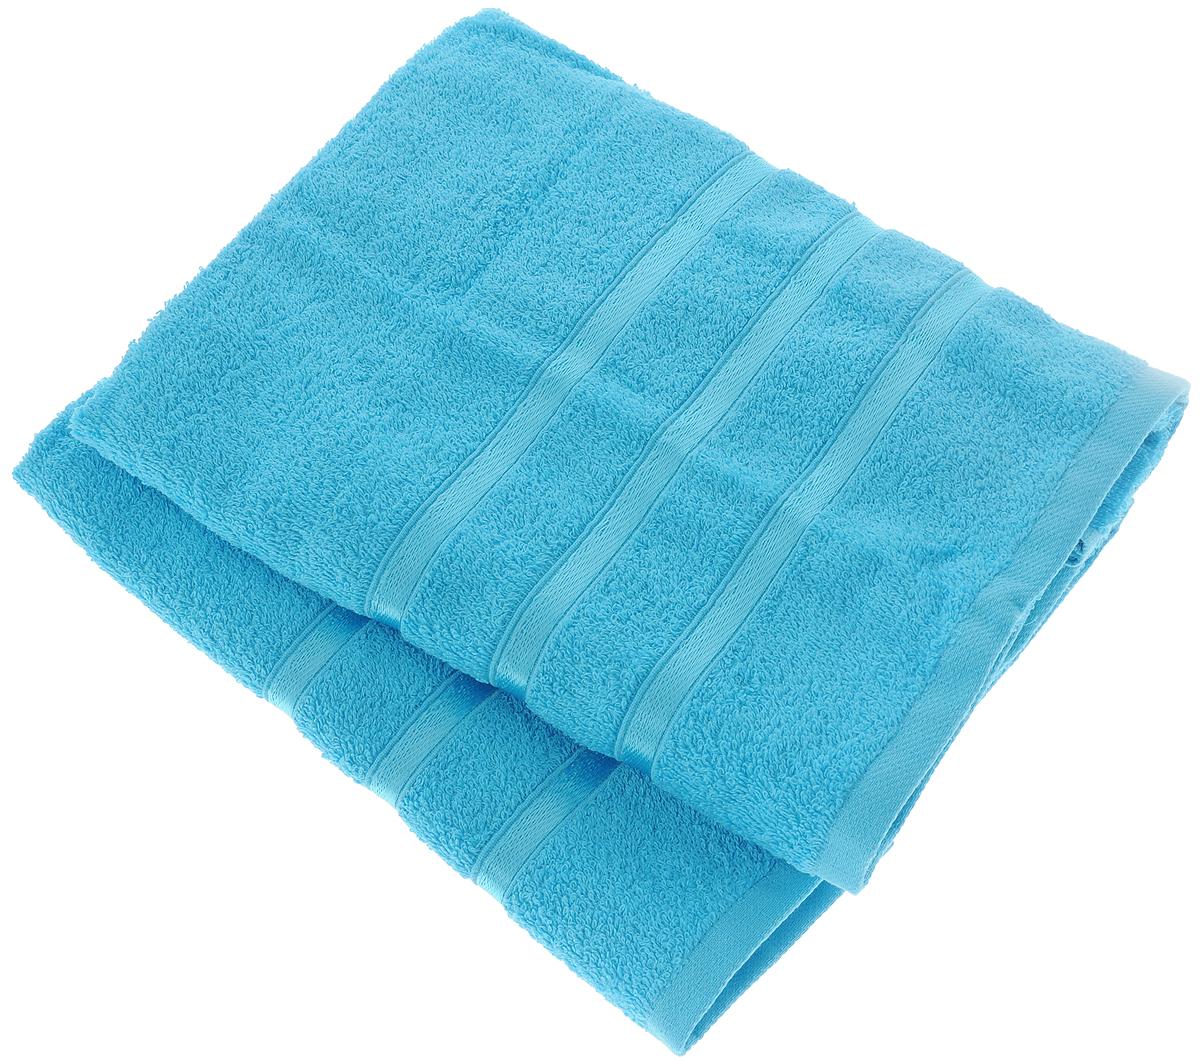 Набор полотенец Tete-a-Tete Ленты, цвет: бирюзовый, 50 х 85 см, 2 штУНП-101-15-2кНабор Tete-a-Tete Ленты состоит из двух махровых полотенец, выполненных из натурального 100% хлопка. Бордюр полотенец декорирован лентами. Изделия мягкие, отлично впитывают влагу, быстро сохнут, сохраняют яркость цвета и не теряют форму даже после многократных стирок. Полотенца Tete-a-Tete Ленты очень практичны и неприхотливы в уходе. Они легко впишутся в любой интерьер благодаря своей нежной цветовой гамме. Набор упакован в красивую коробку и может послужить отличной идеей для подарка. Размер полотенец: 50 х 85 см.